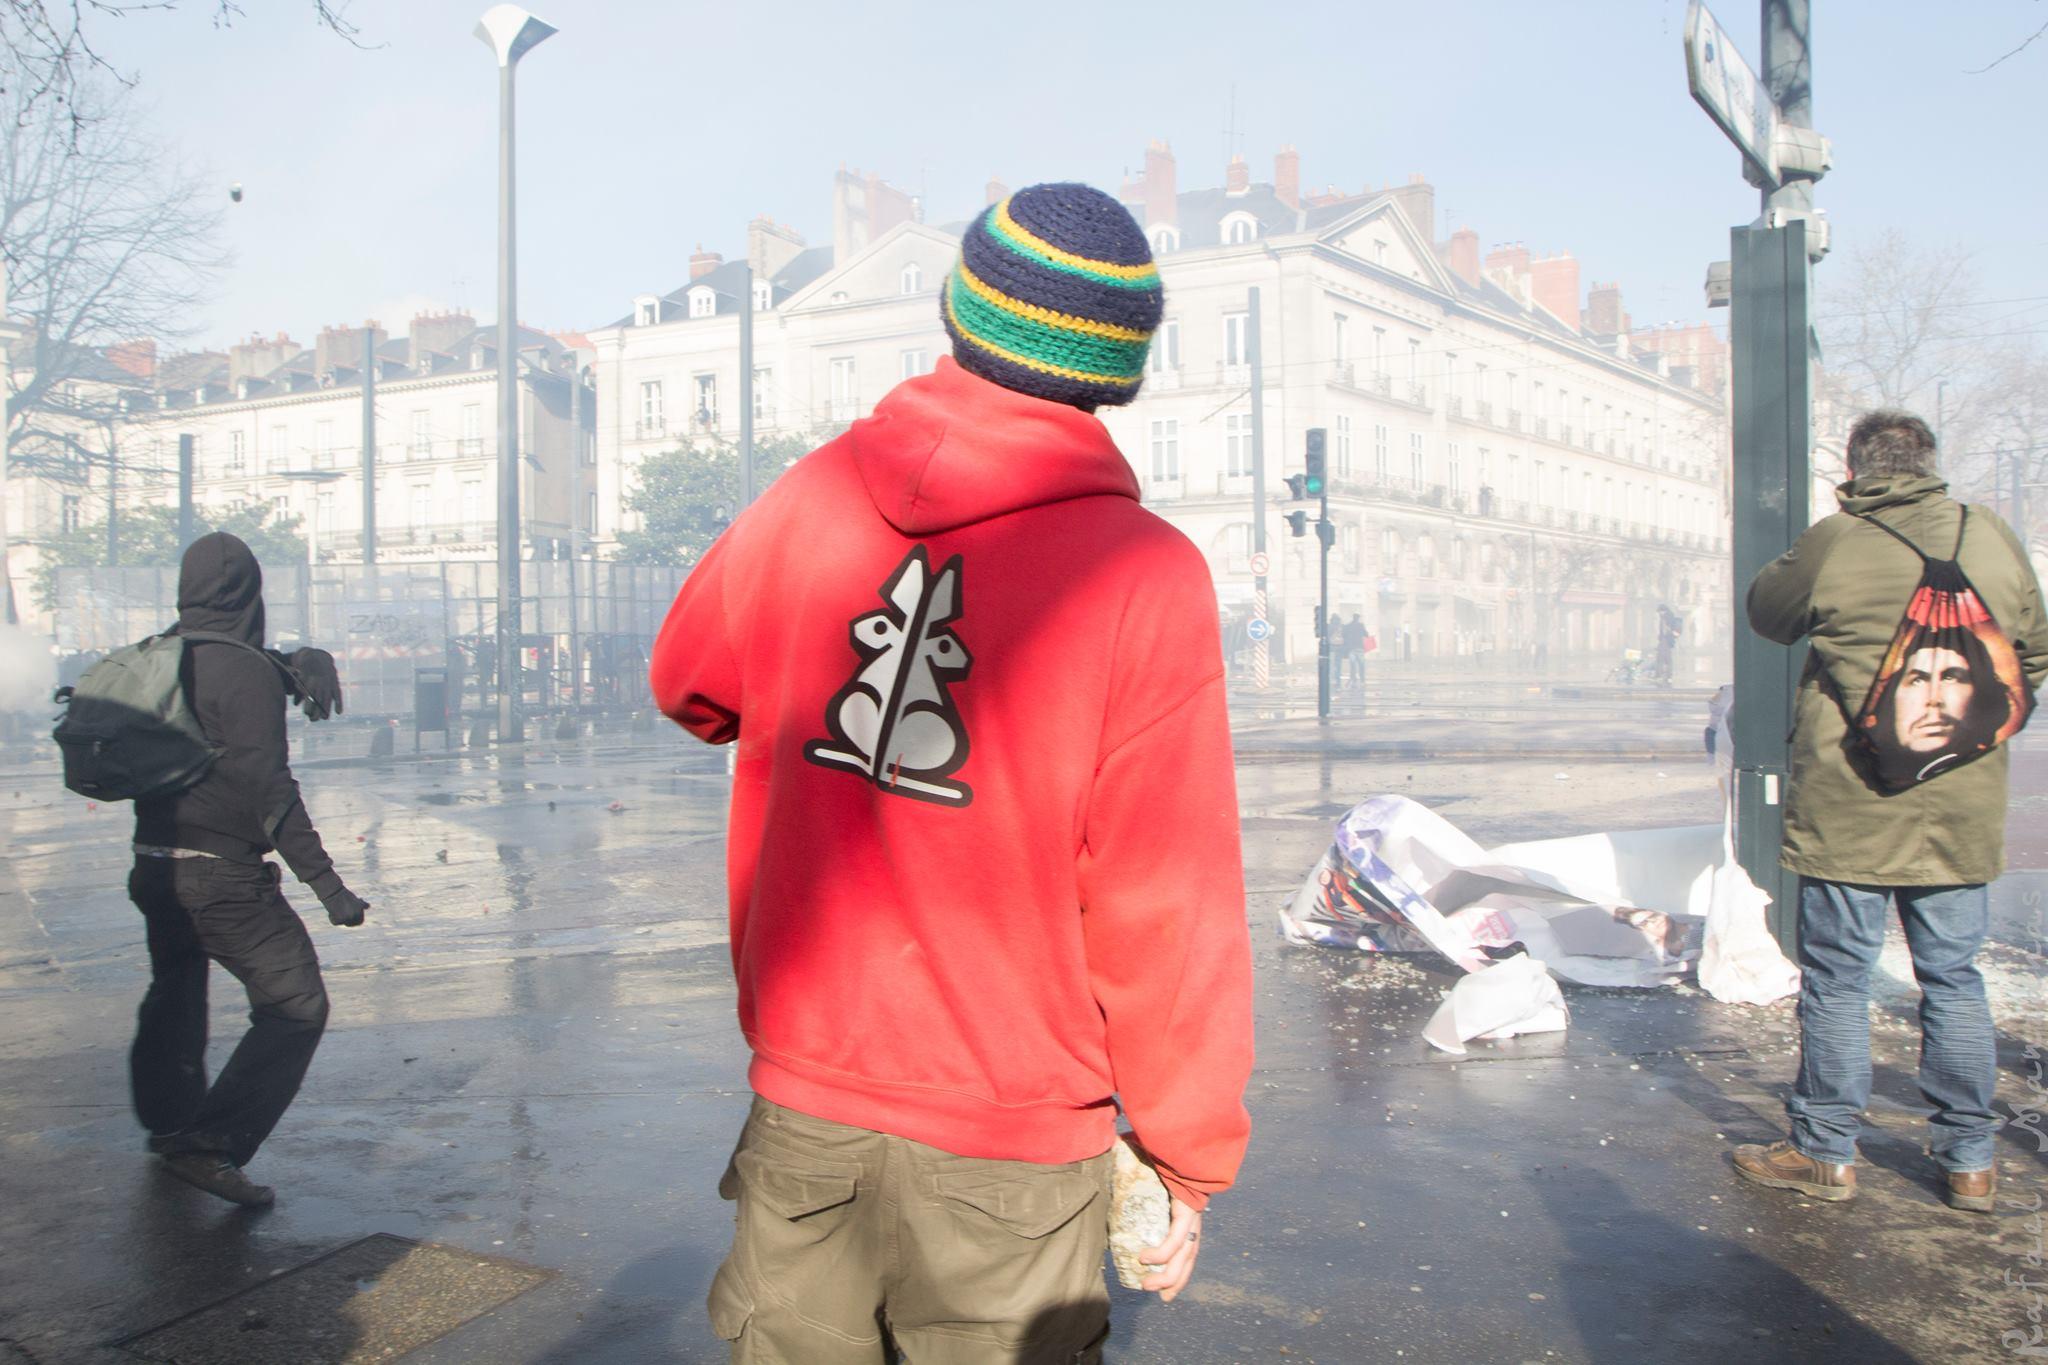 Manifestant en rouge - Manifestation Nantes NDDL 22 février 2014 - Crédits Rafael Manzanas - La Déviation